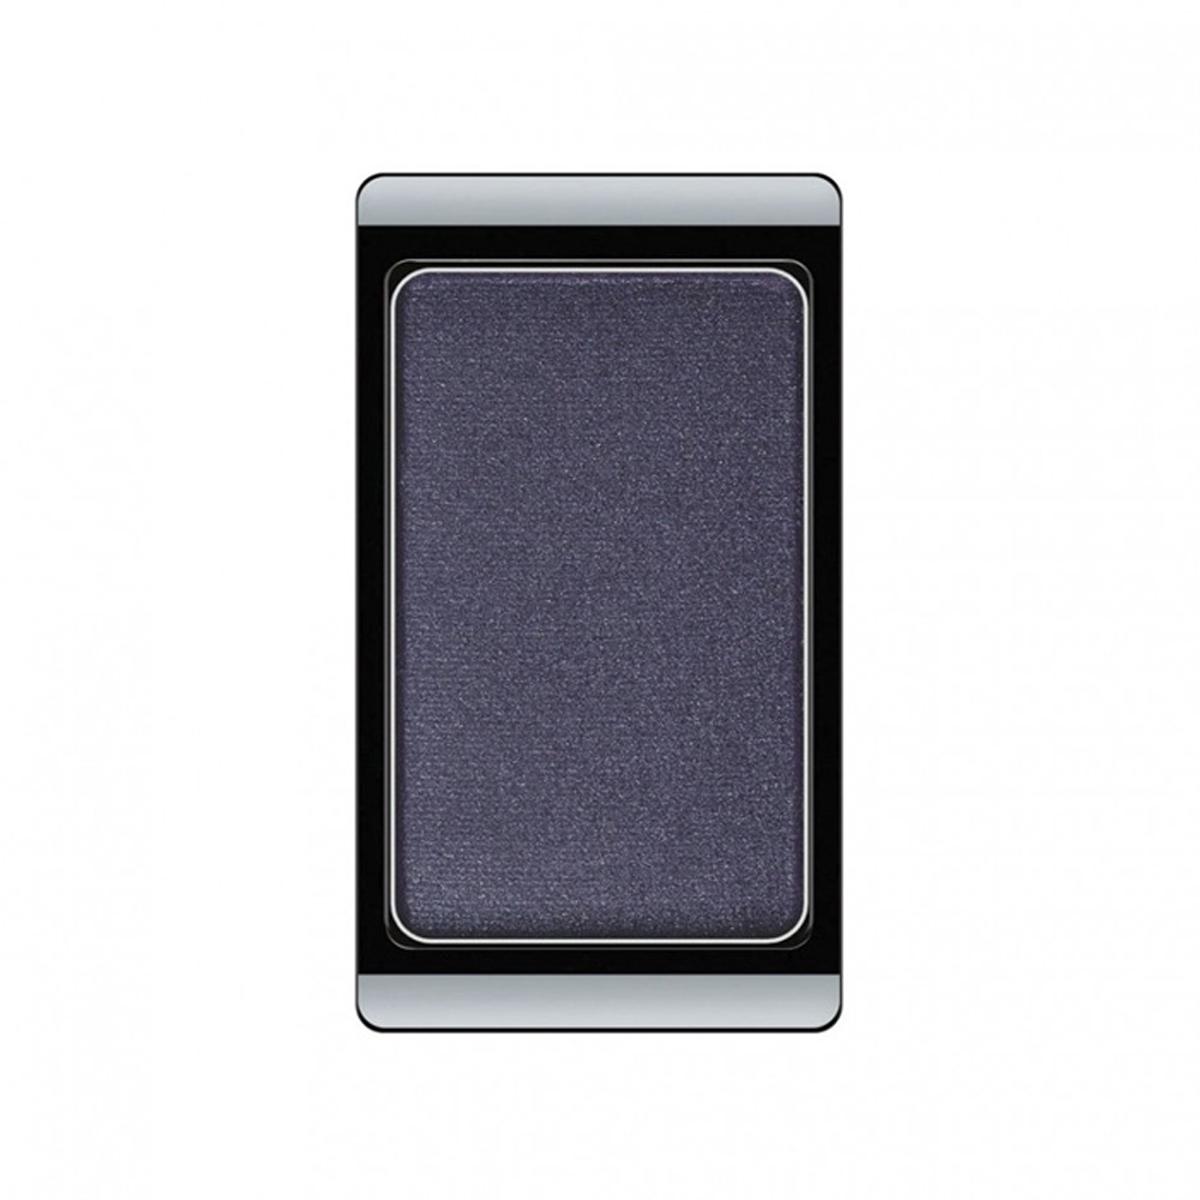 Artdeco Тени для век, перламутровые, 1 цвет, тон №80, 0,8 г30.80Перламутровые тени для век Artdeco придадут вашему взгляду выразительную глубину. Их отличает высокая стойкость и невероятно легкое нанесение. Это профессиональный продукт для несравненного результата! Упаковка на магнитах позволяет комбинировать тени по вашему выбору в элегантные коробочки. Тени Artdeco дарят возможность почувствовать себя своим собственным художником по макияжу!Характеристики:Вес: 0,8 г. Тон: №80. Производитель: Германия. Артикул: 30.80. Товар сертифицирован.